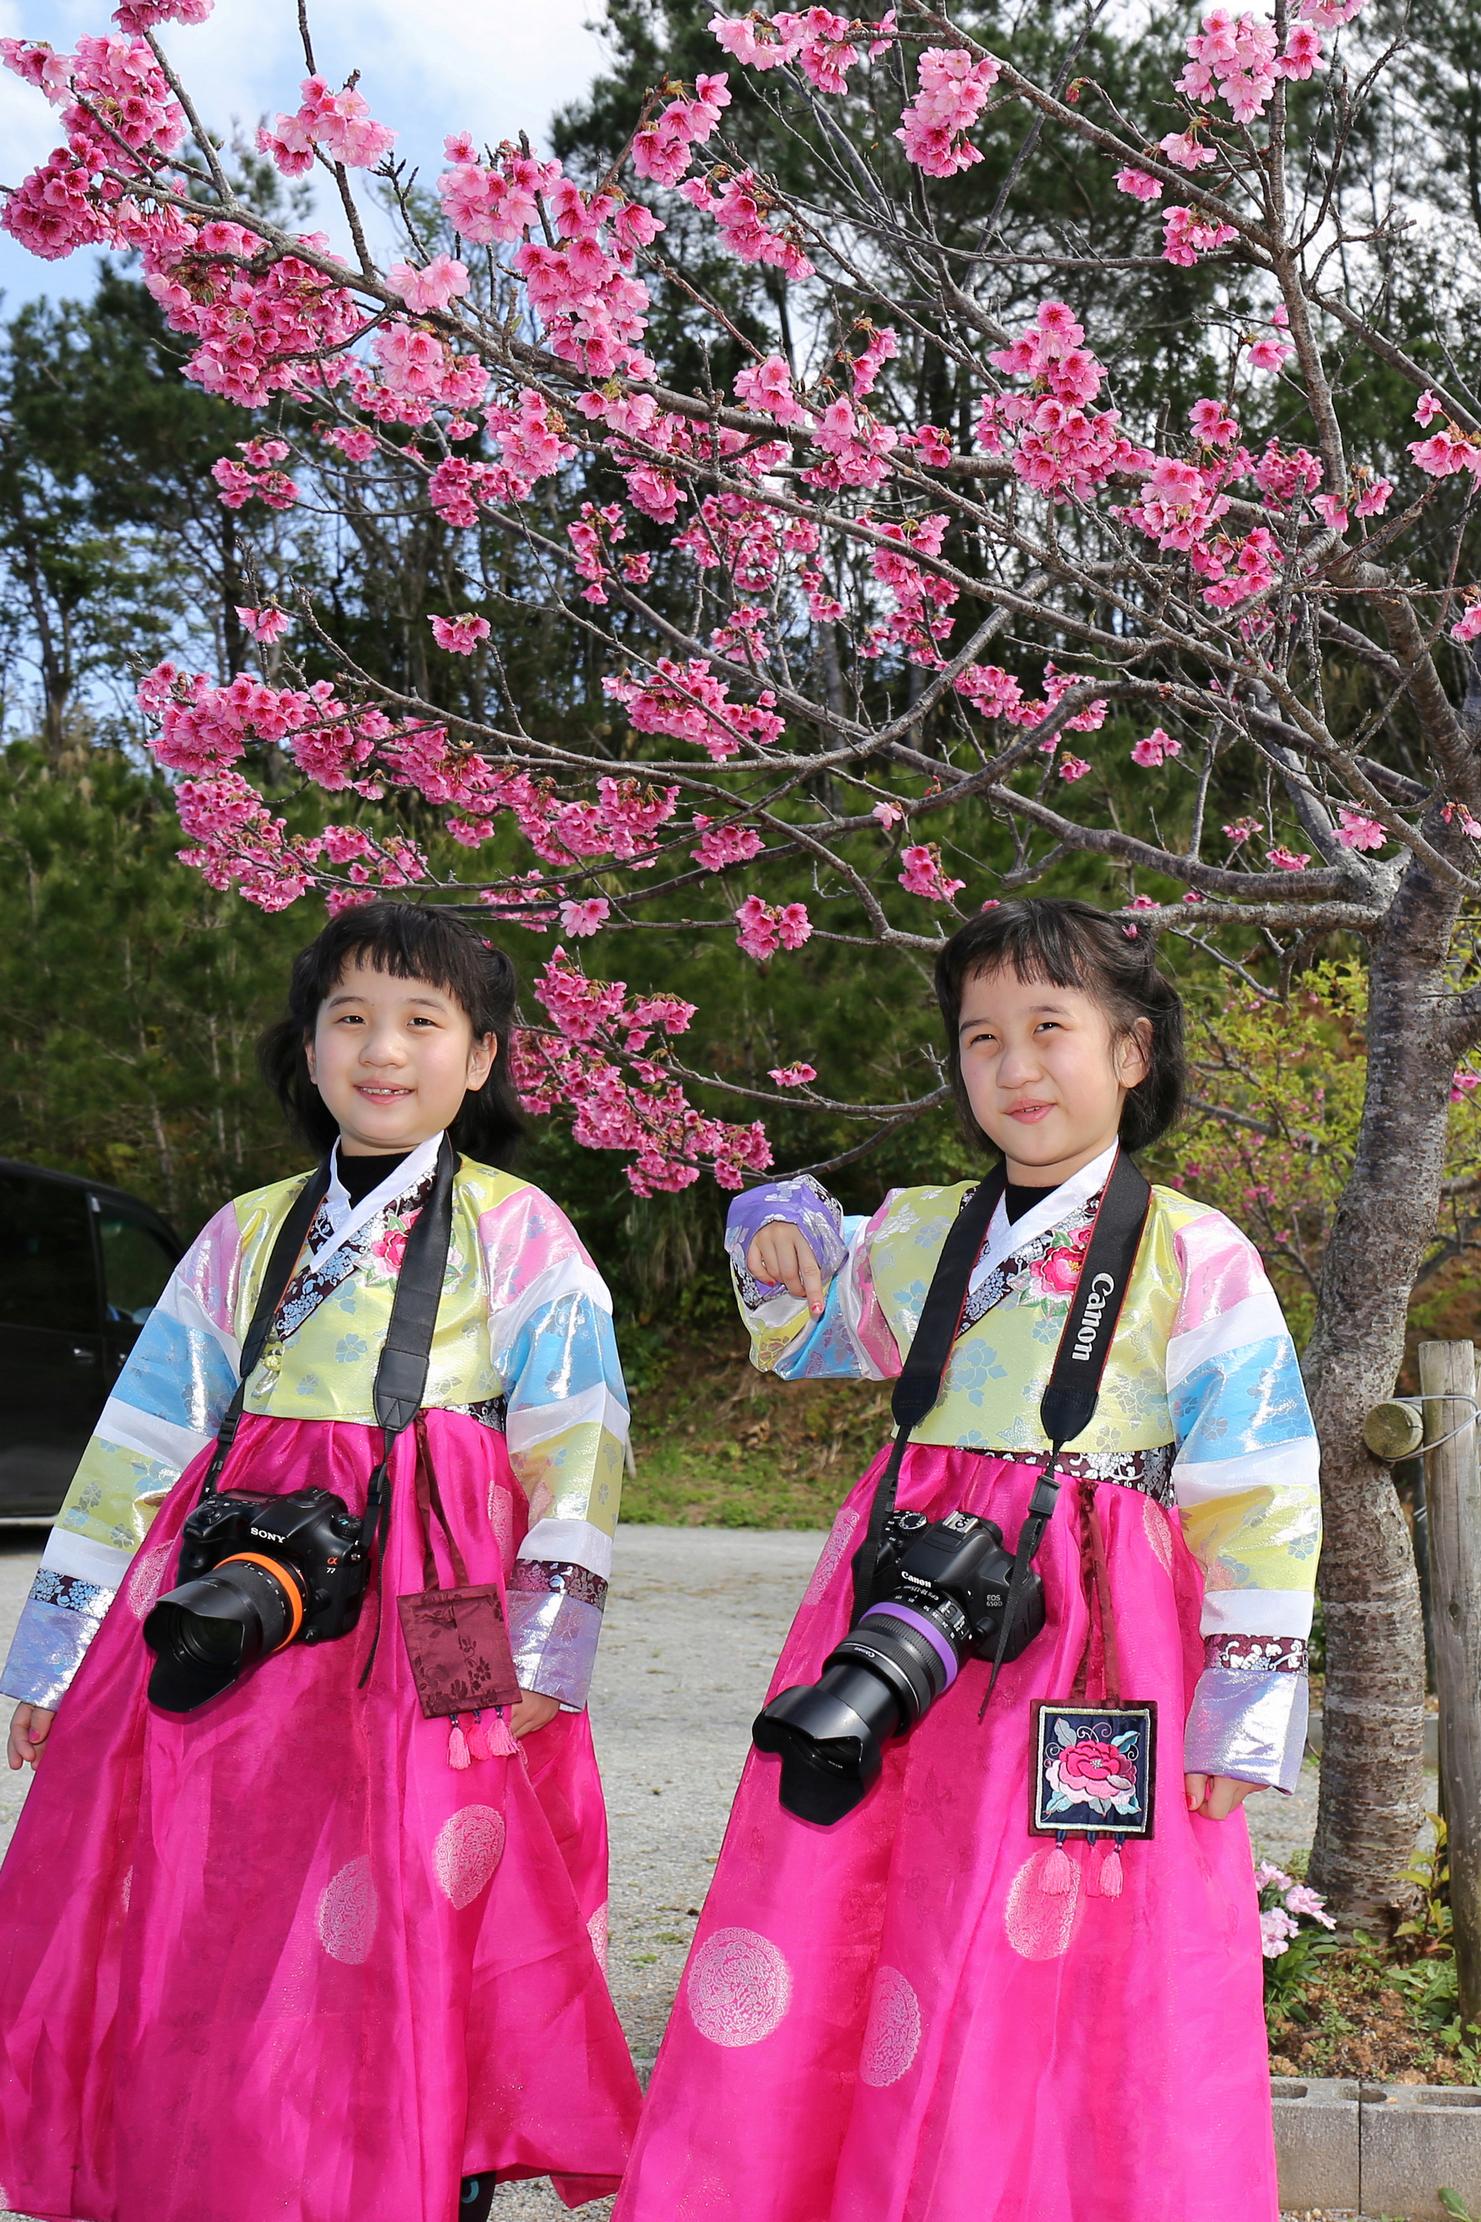 【随手拍!】穿韩服在日本拍樱花的双胞胎女孩